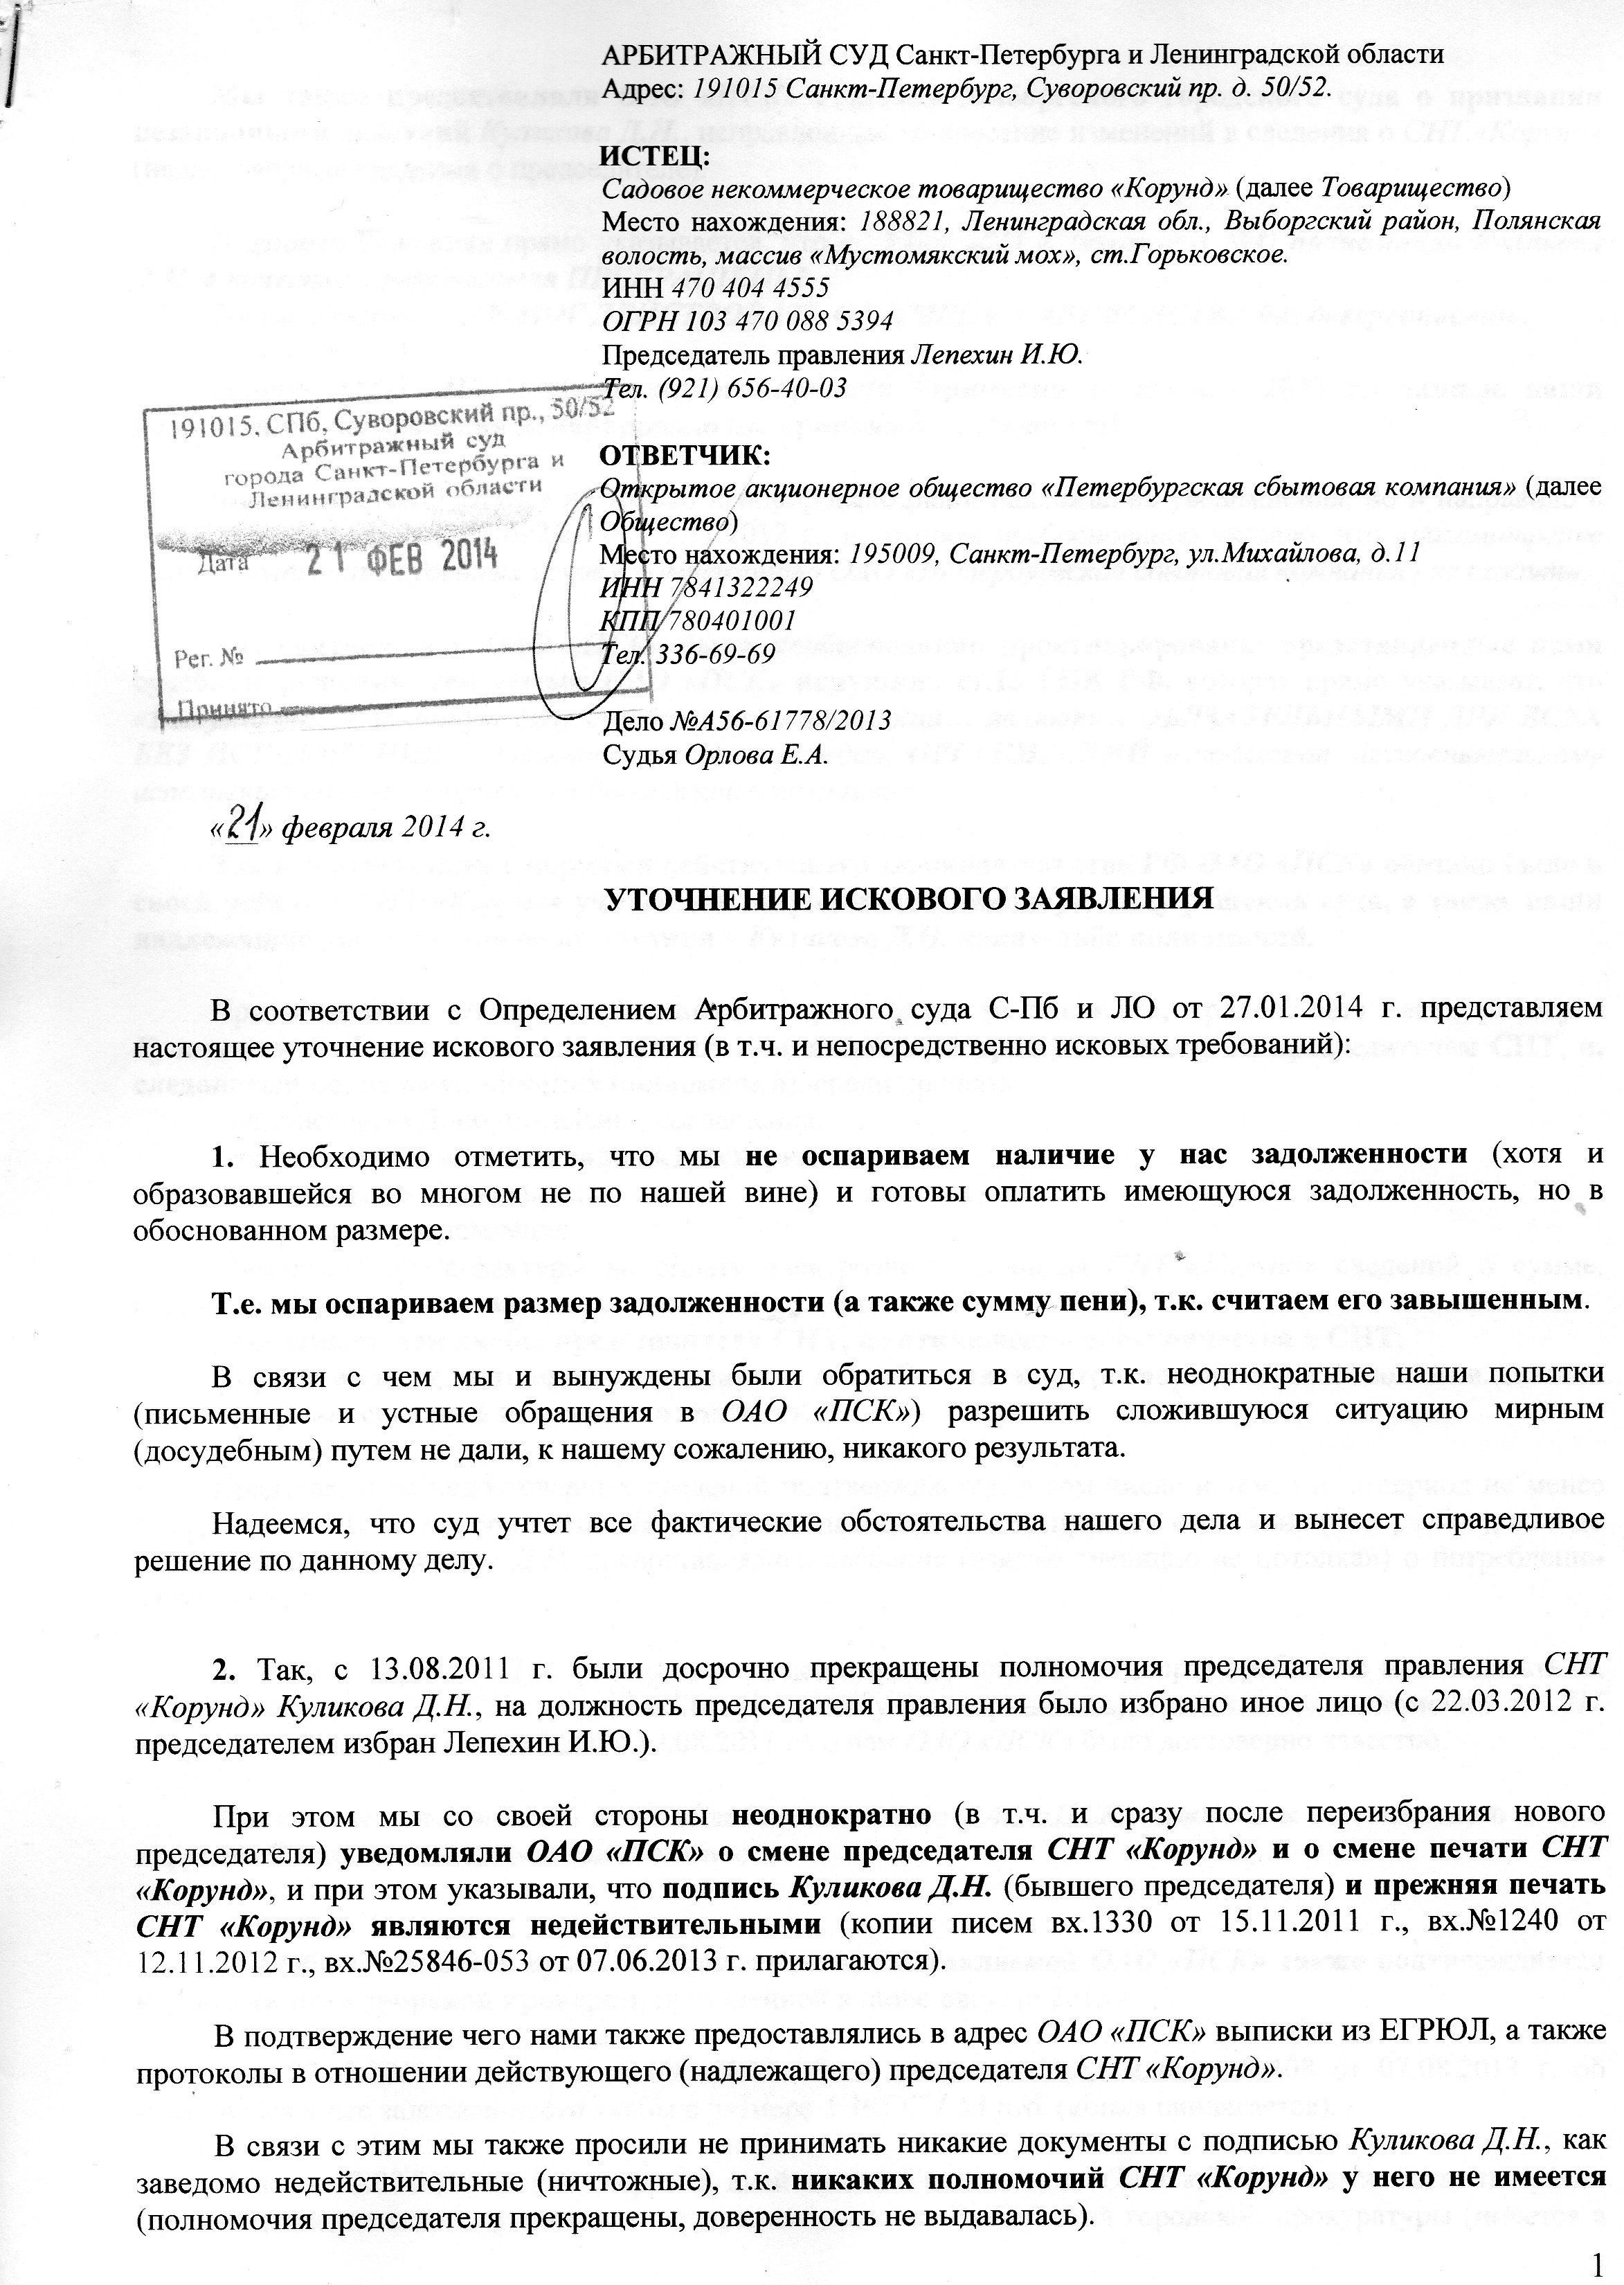 Исковое заявление в арбитр суд